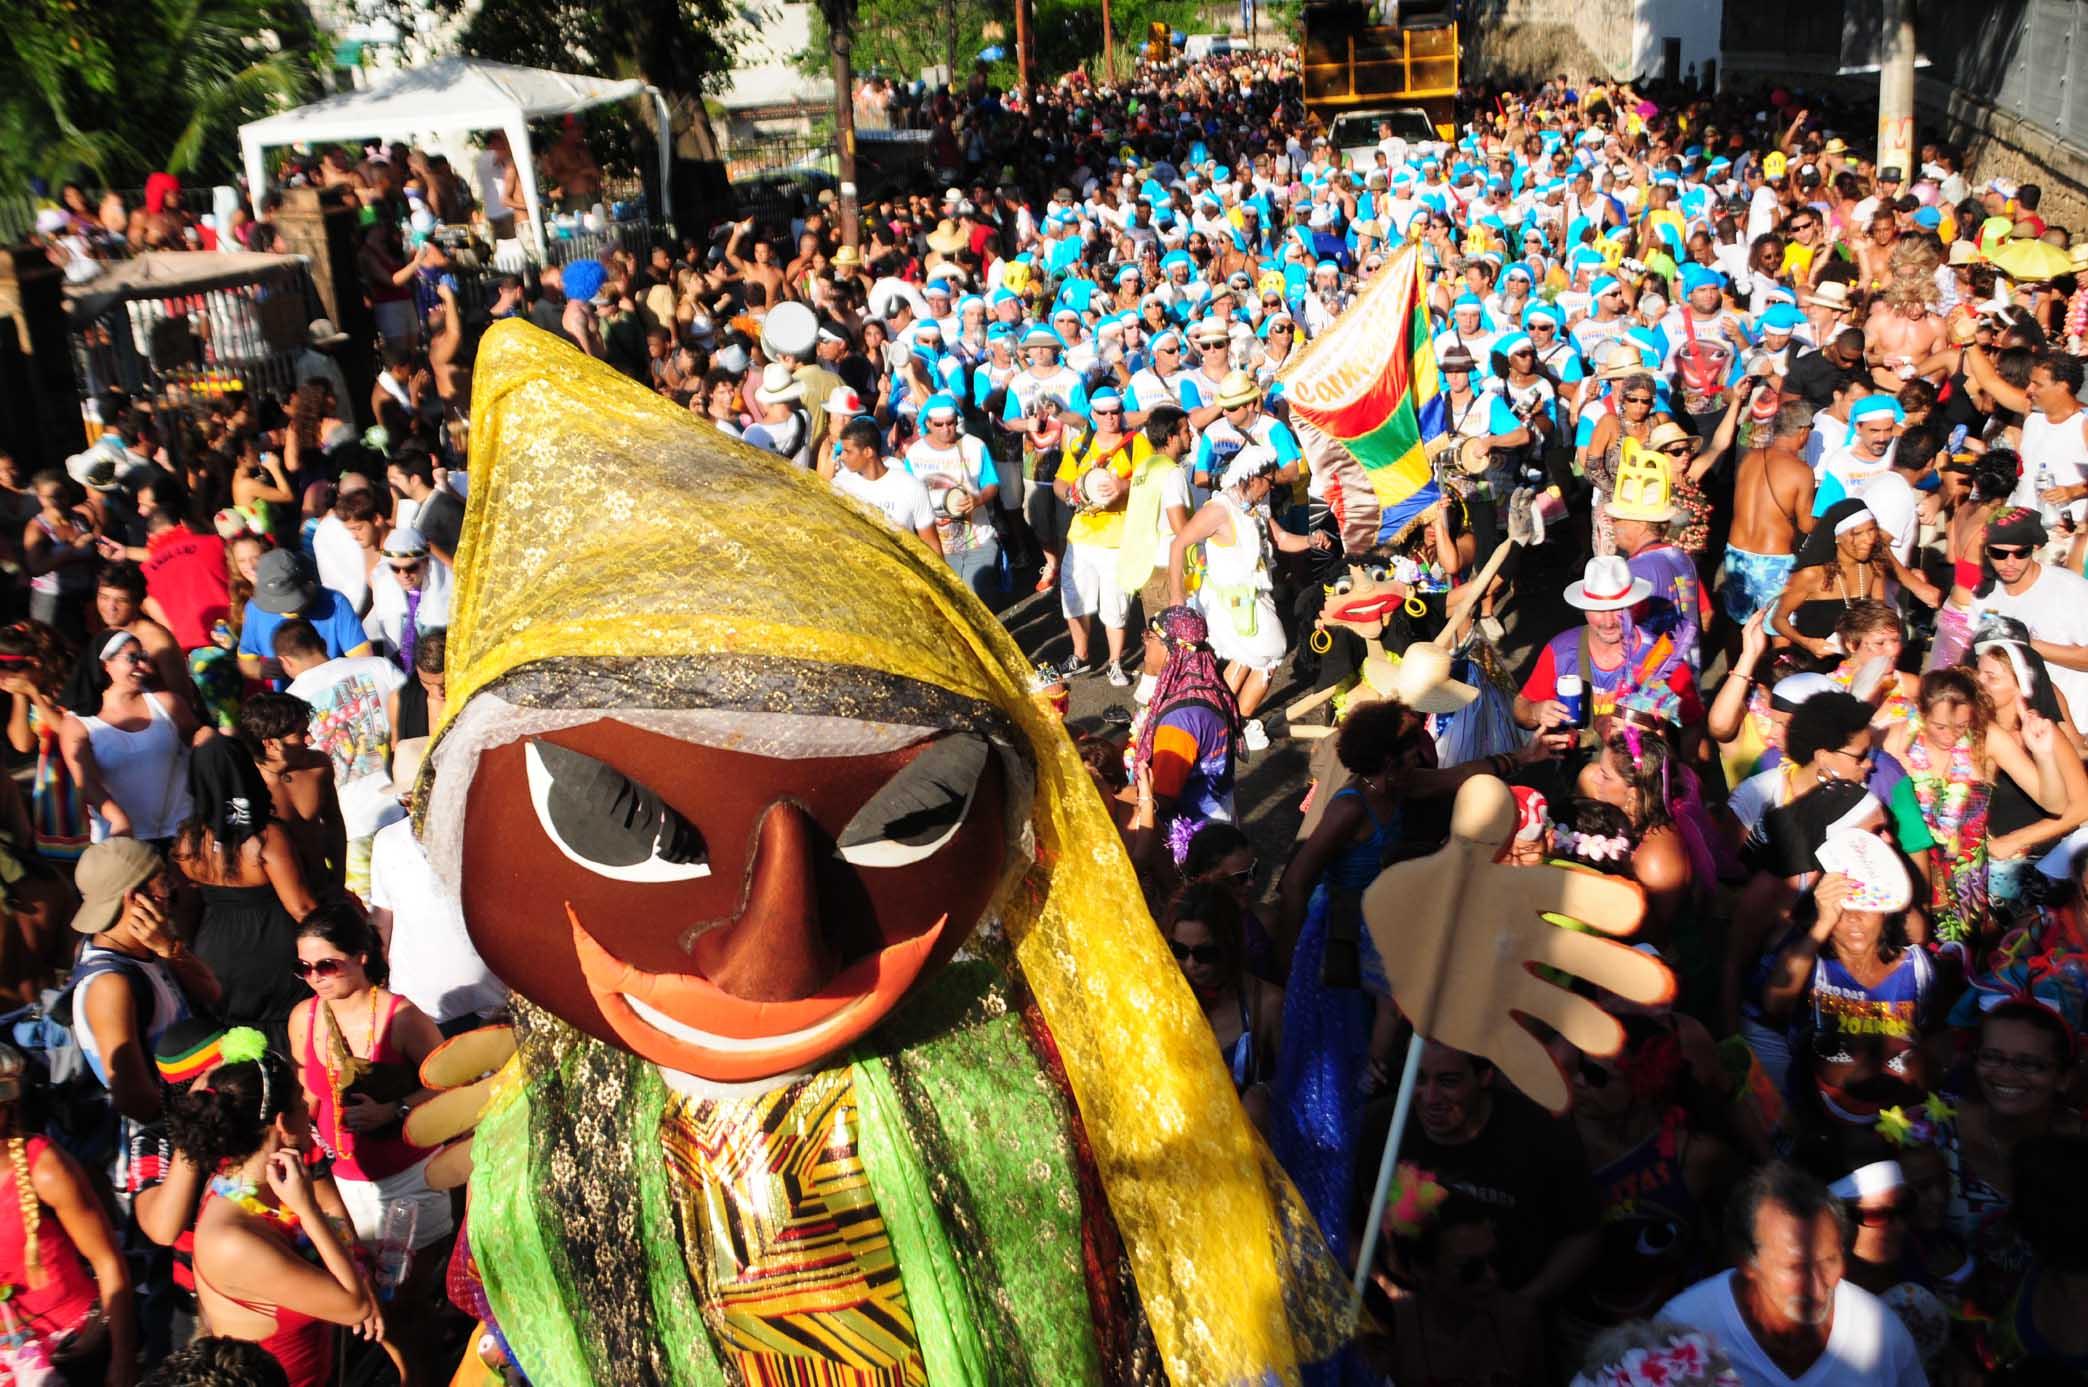 Bloco street party in Rio de Janeiro